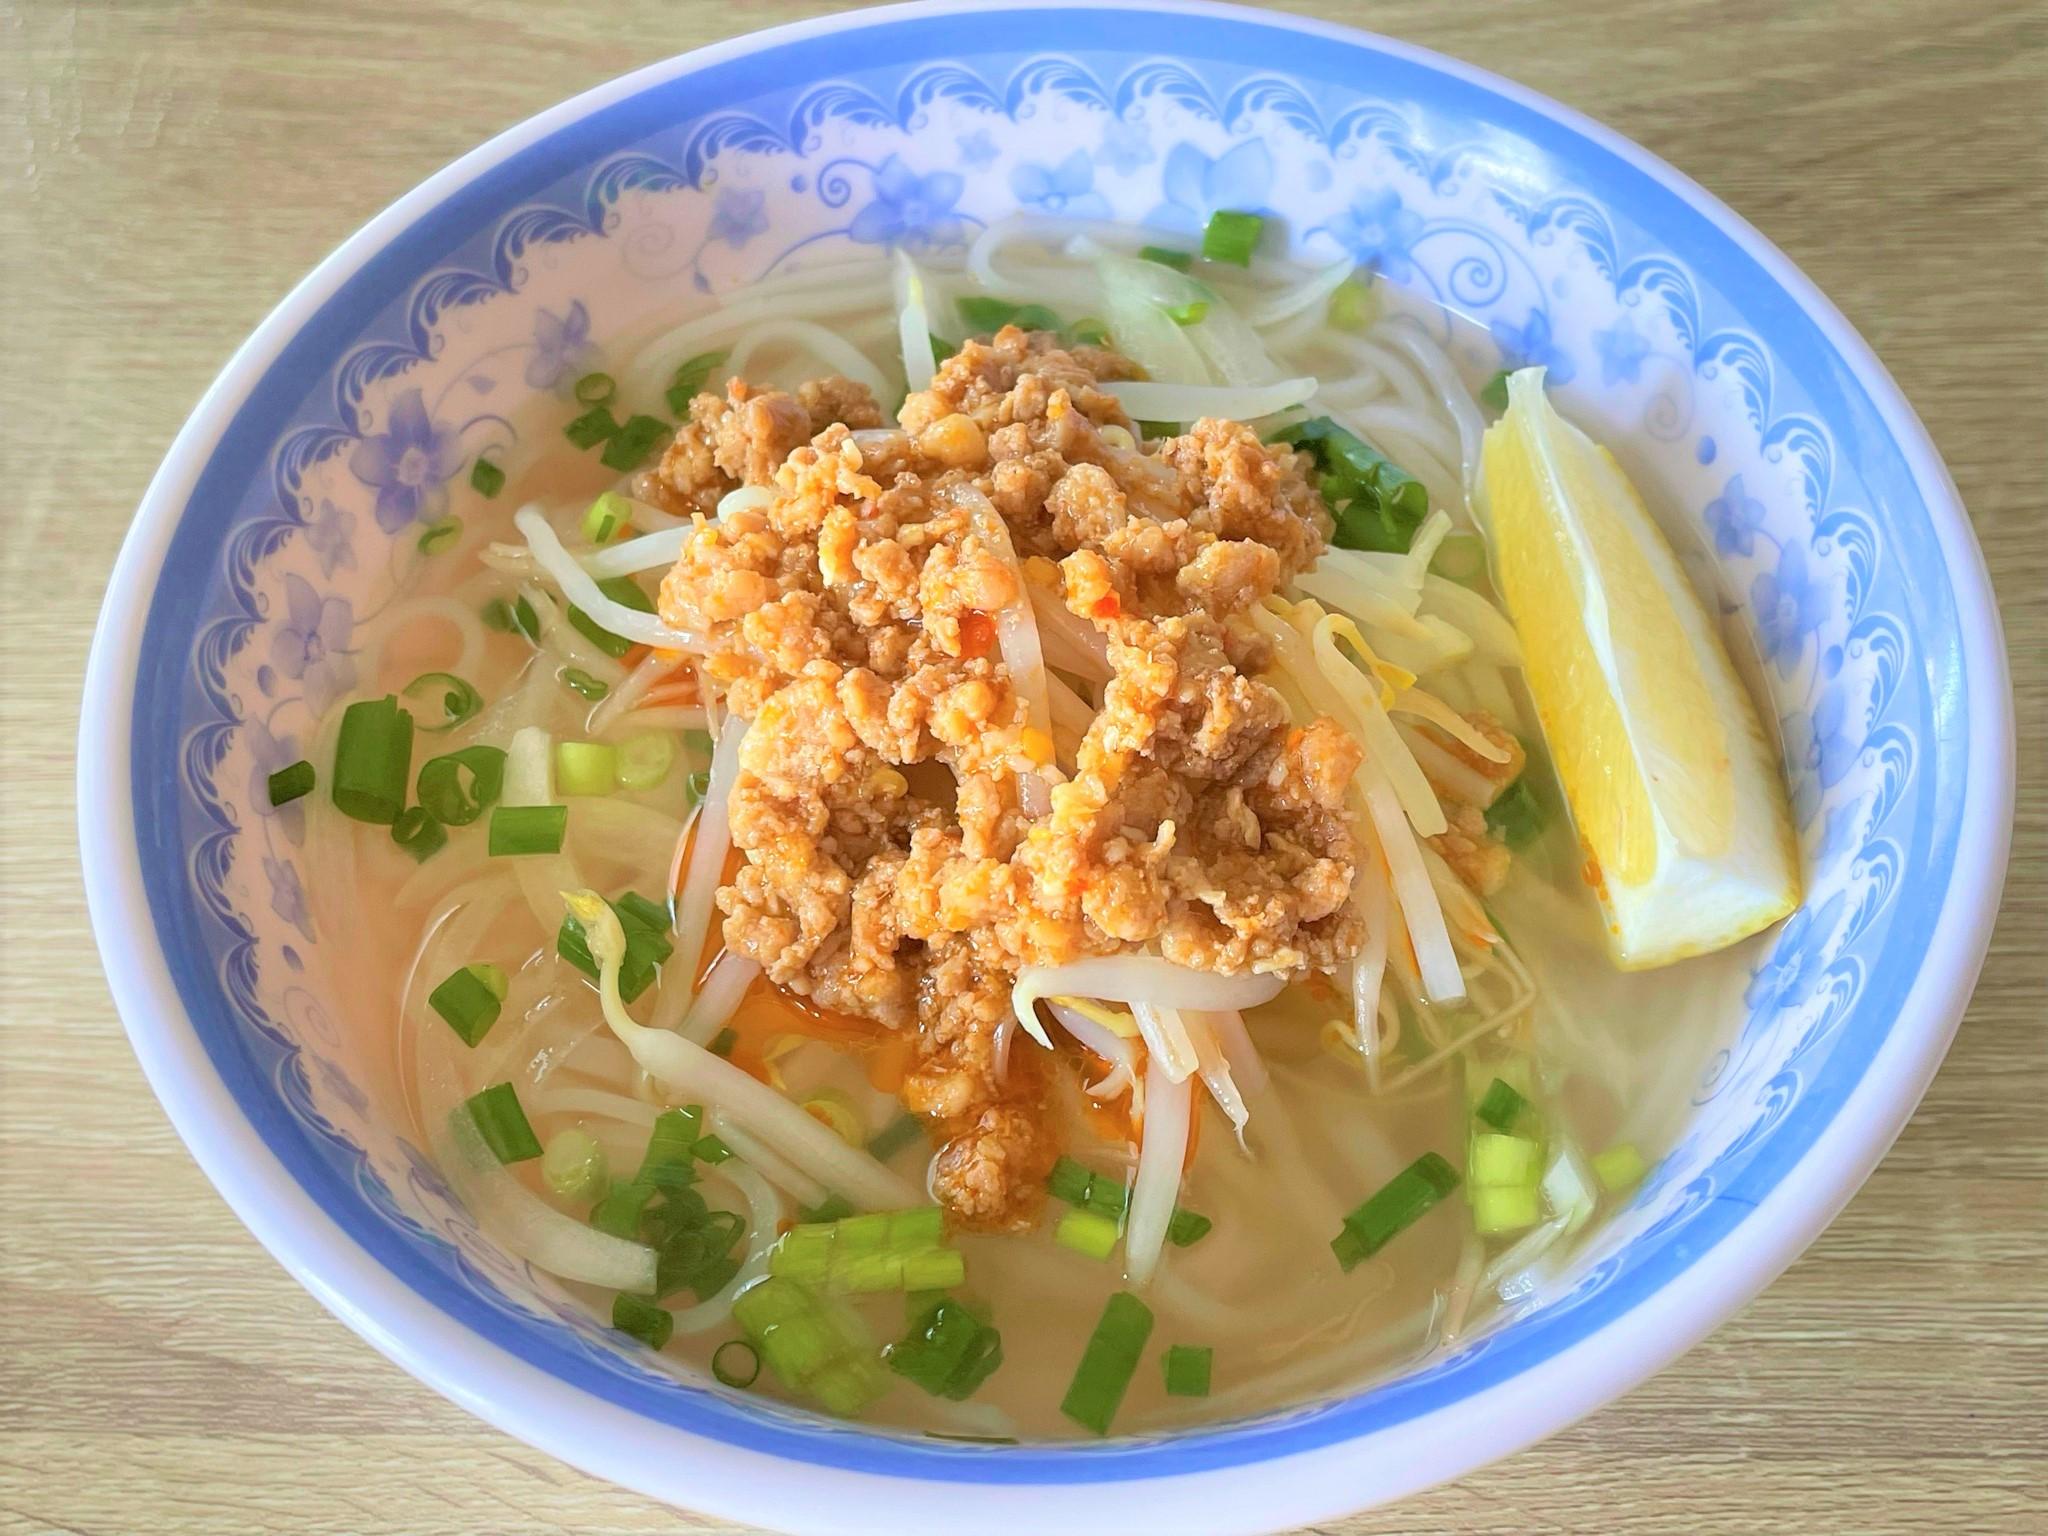 【通販】東京・恵比須のベトナム料理レストラン「ニャーヴェトナム」のフォーセットを試してみました。